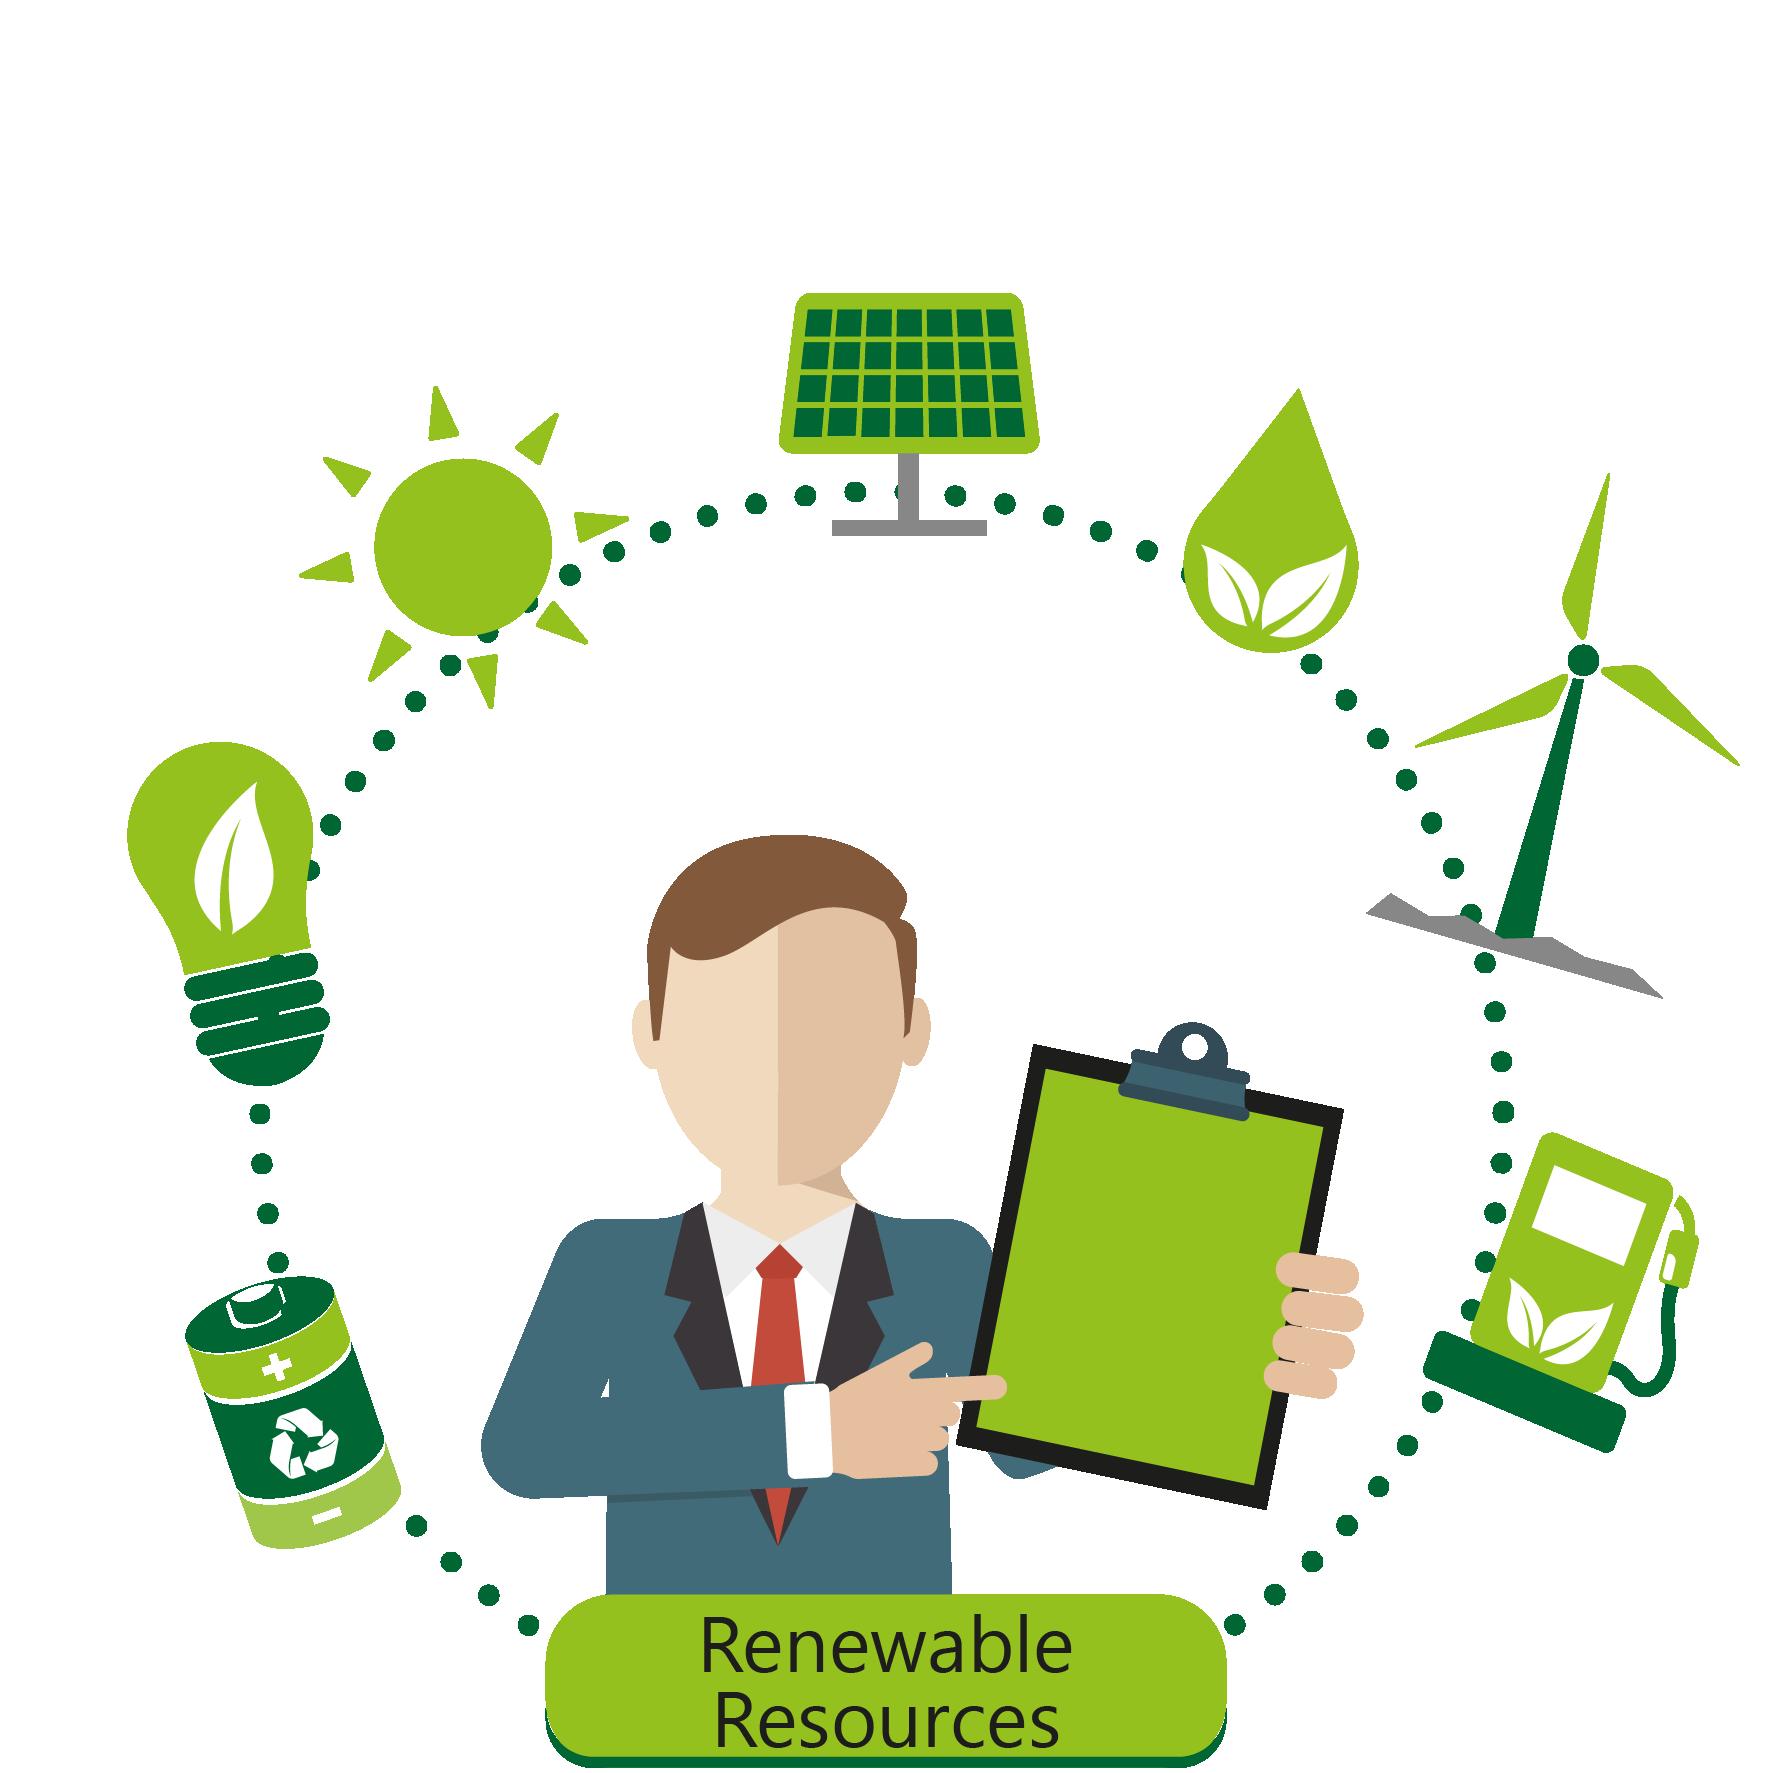 Home zeema imagecanstockphotojpg resources. Energy clipart renewable resource